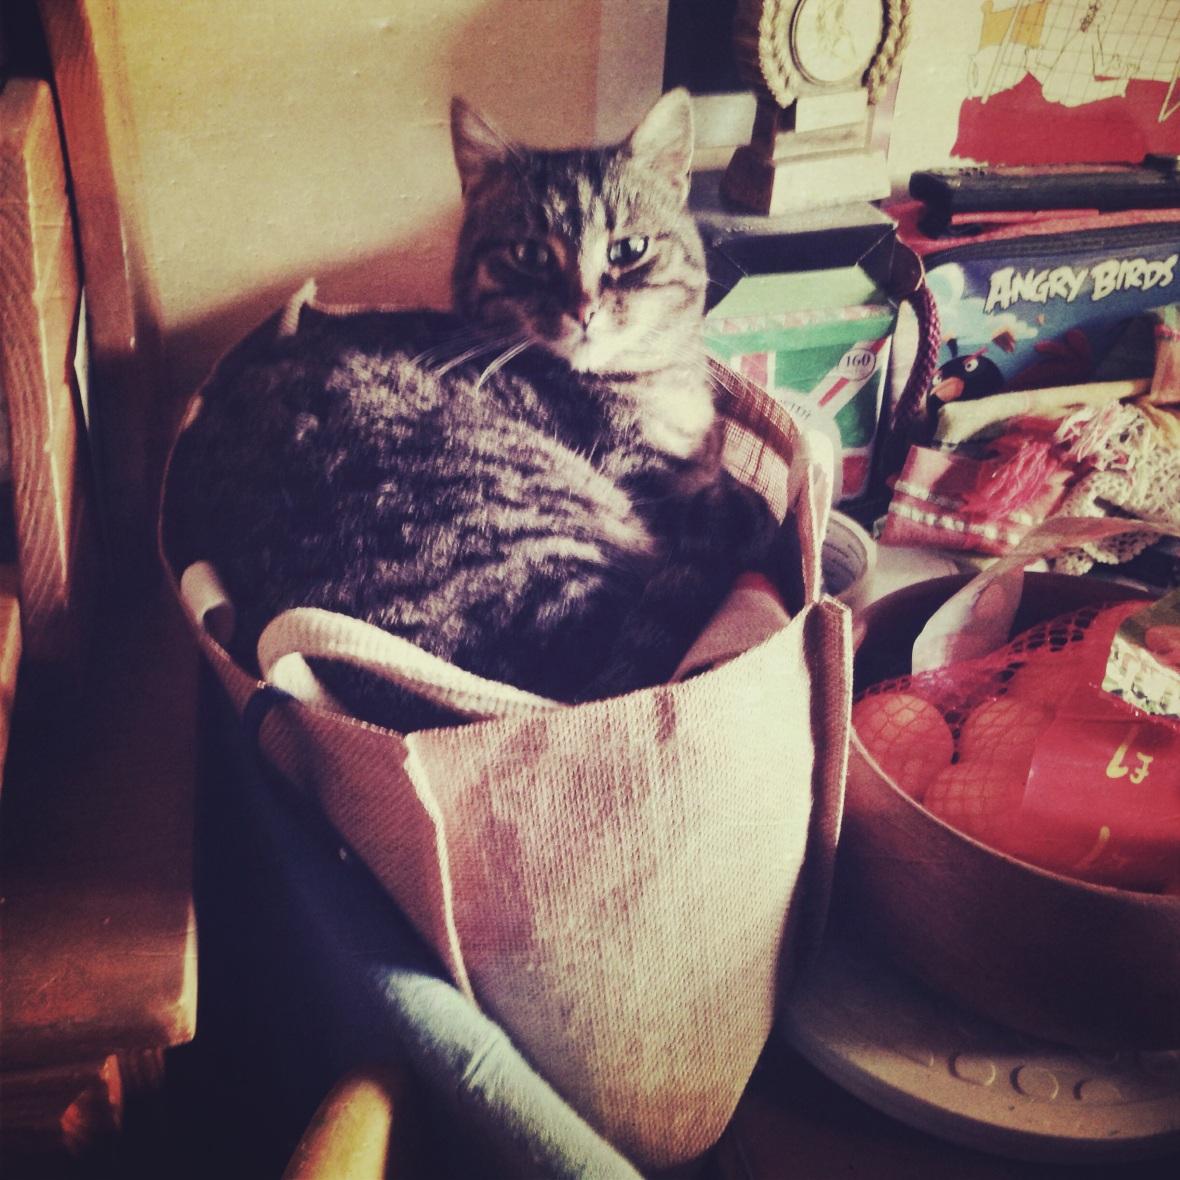 Helen's cat in a bag